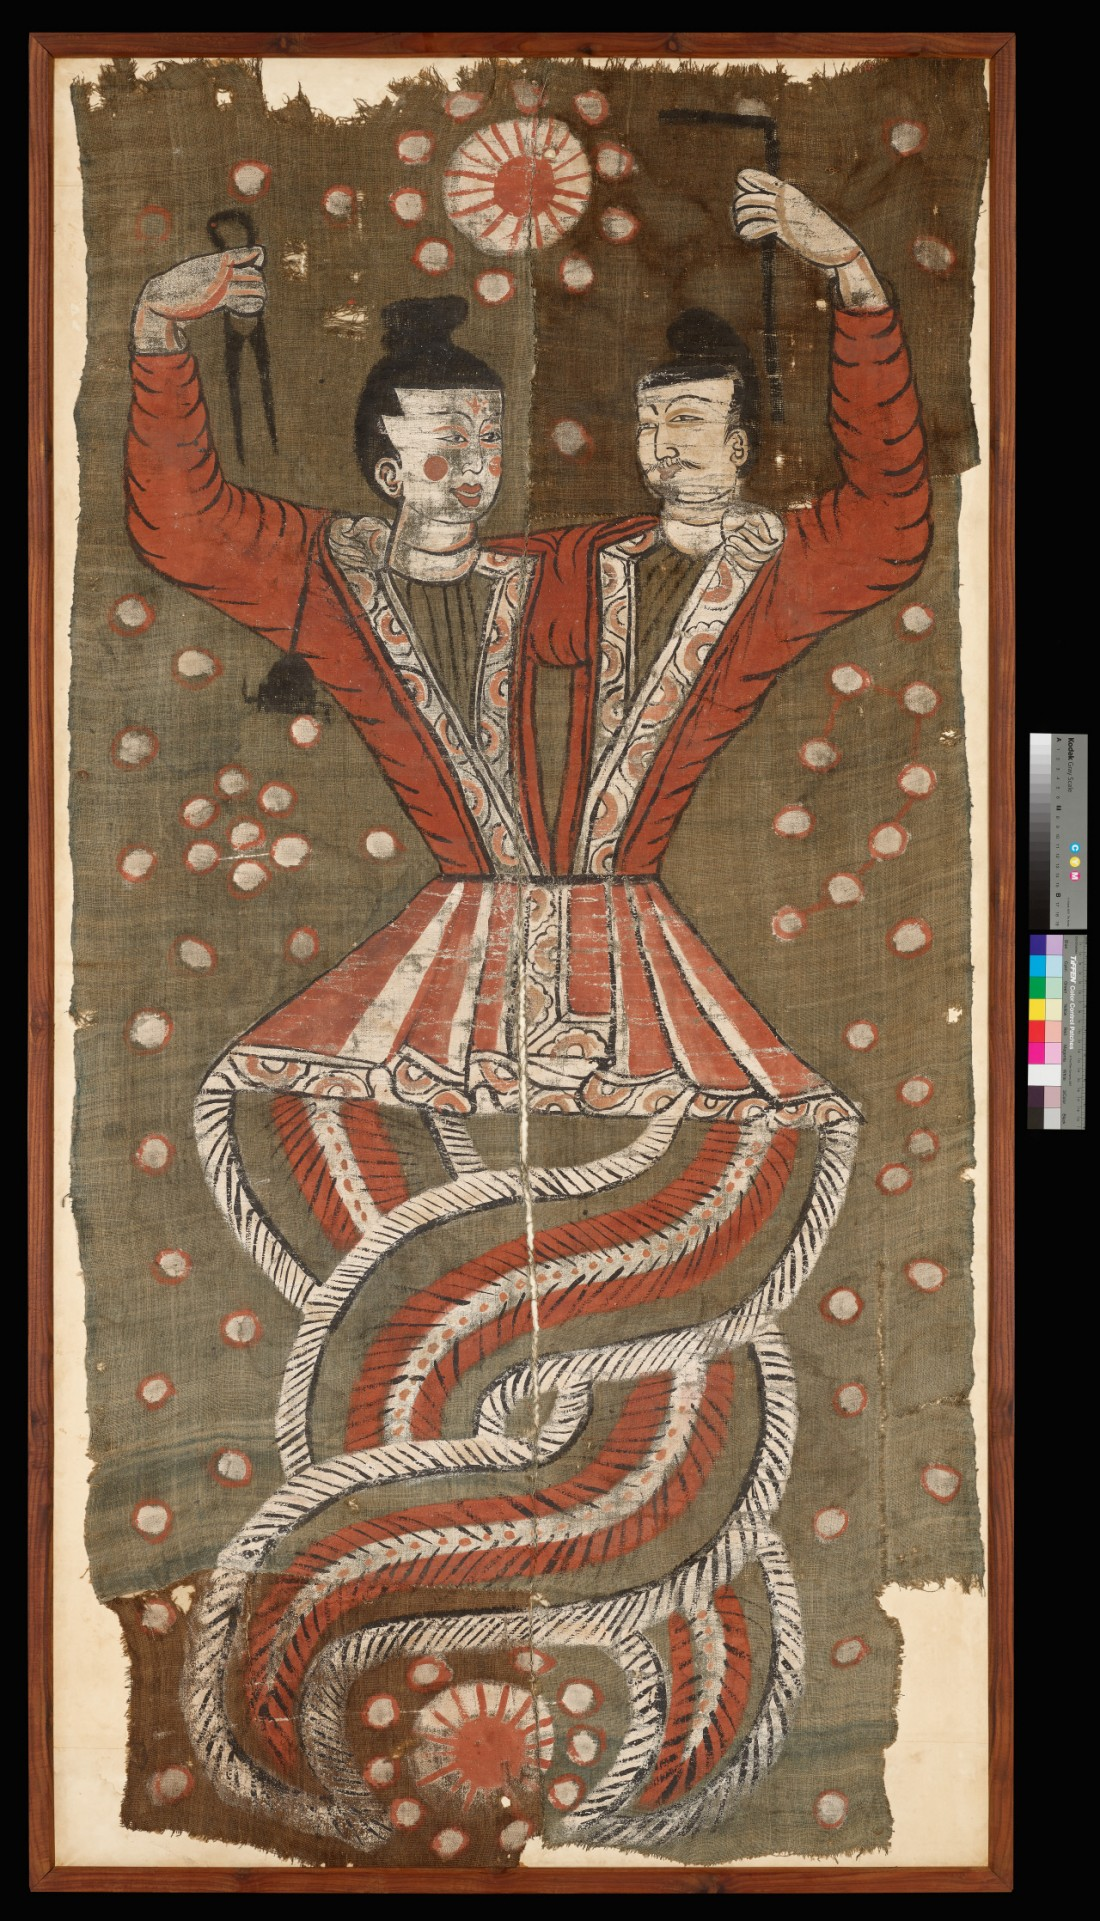 이번에 복원을 끝내고 처음 진본전시되는 '창조신 복희와 여와도'. 투르판 아스타나에서 출토된 7세기 유물이며, 삼베에 채색한 그림이다.|국립중앙박물관 제공